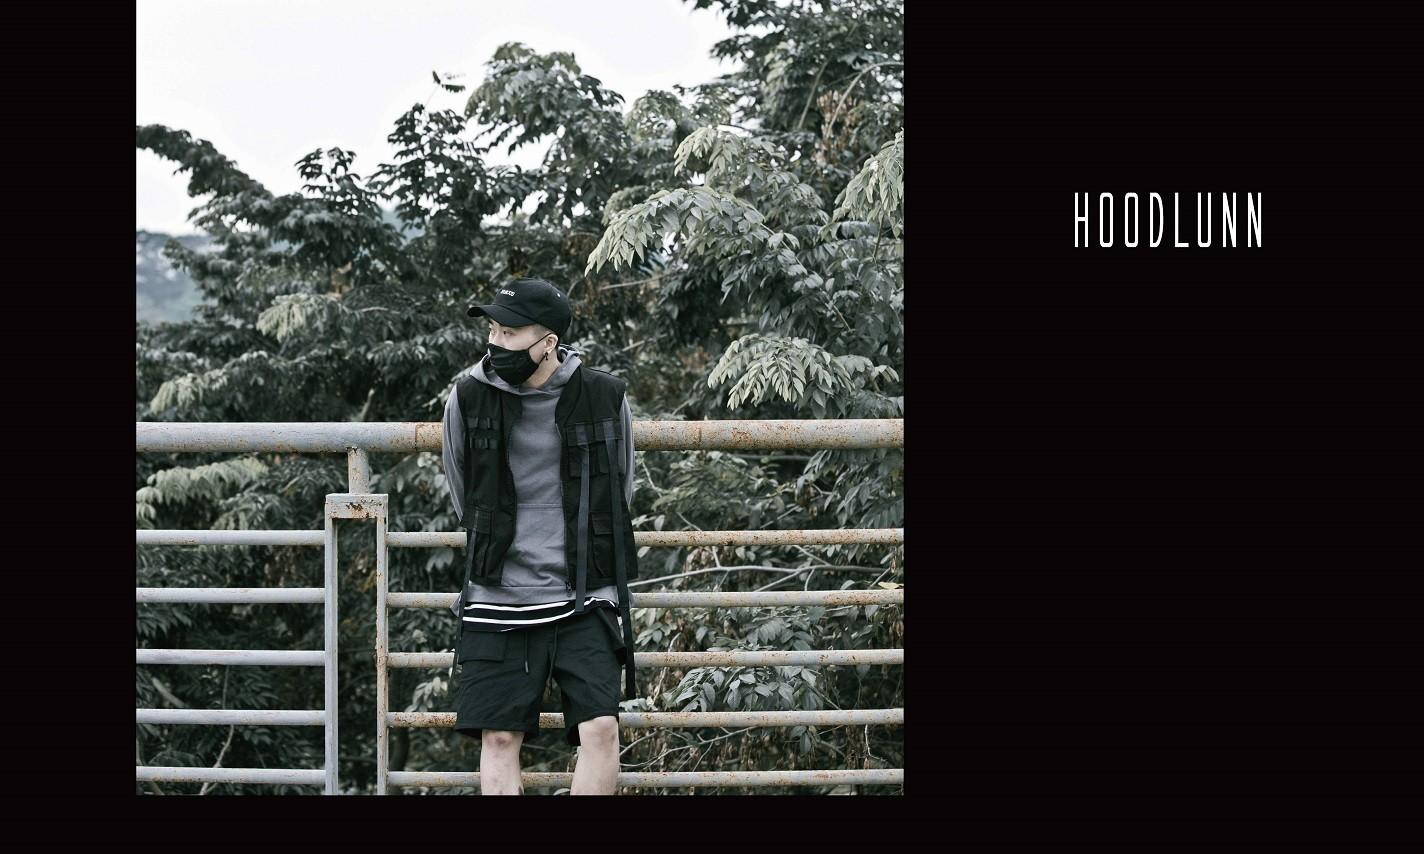 简约精髓,HOODLUNN 2016 春夏系列造型 Lookbook